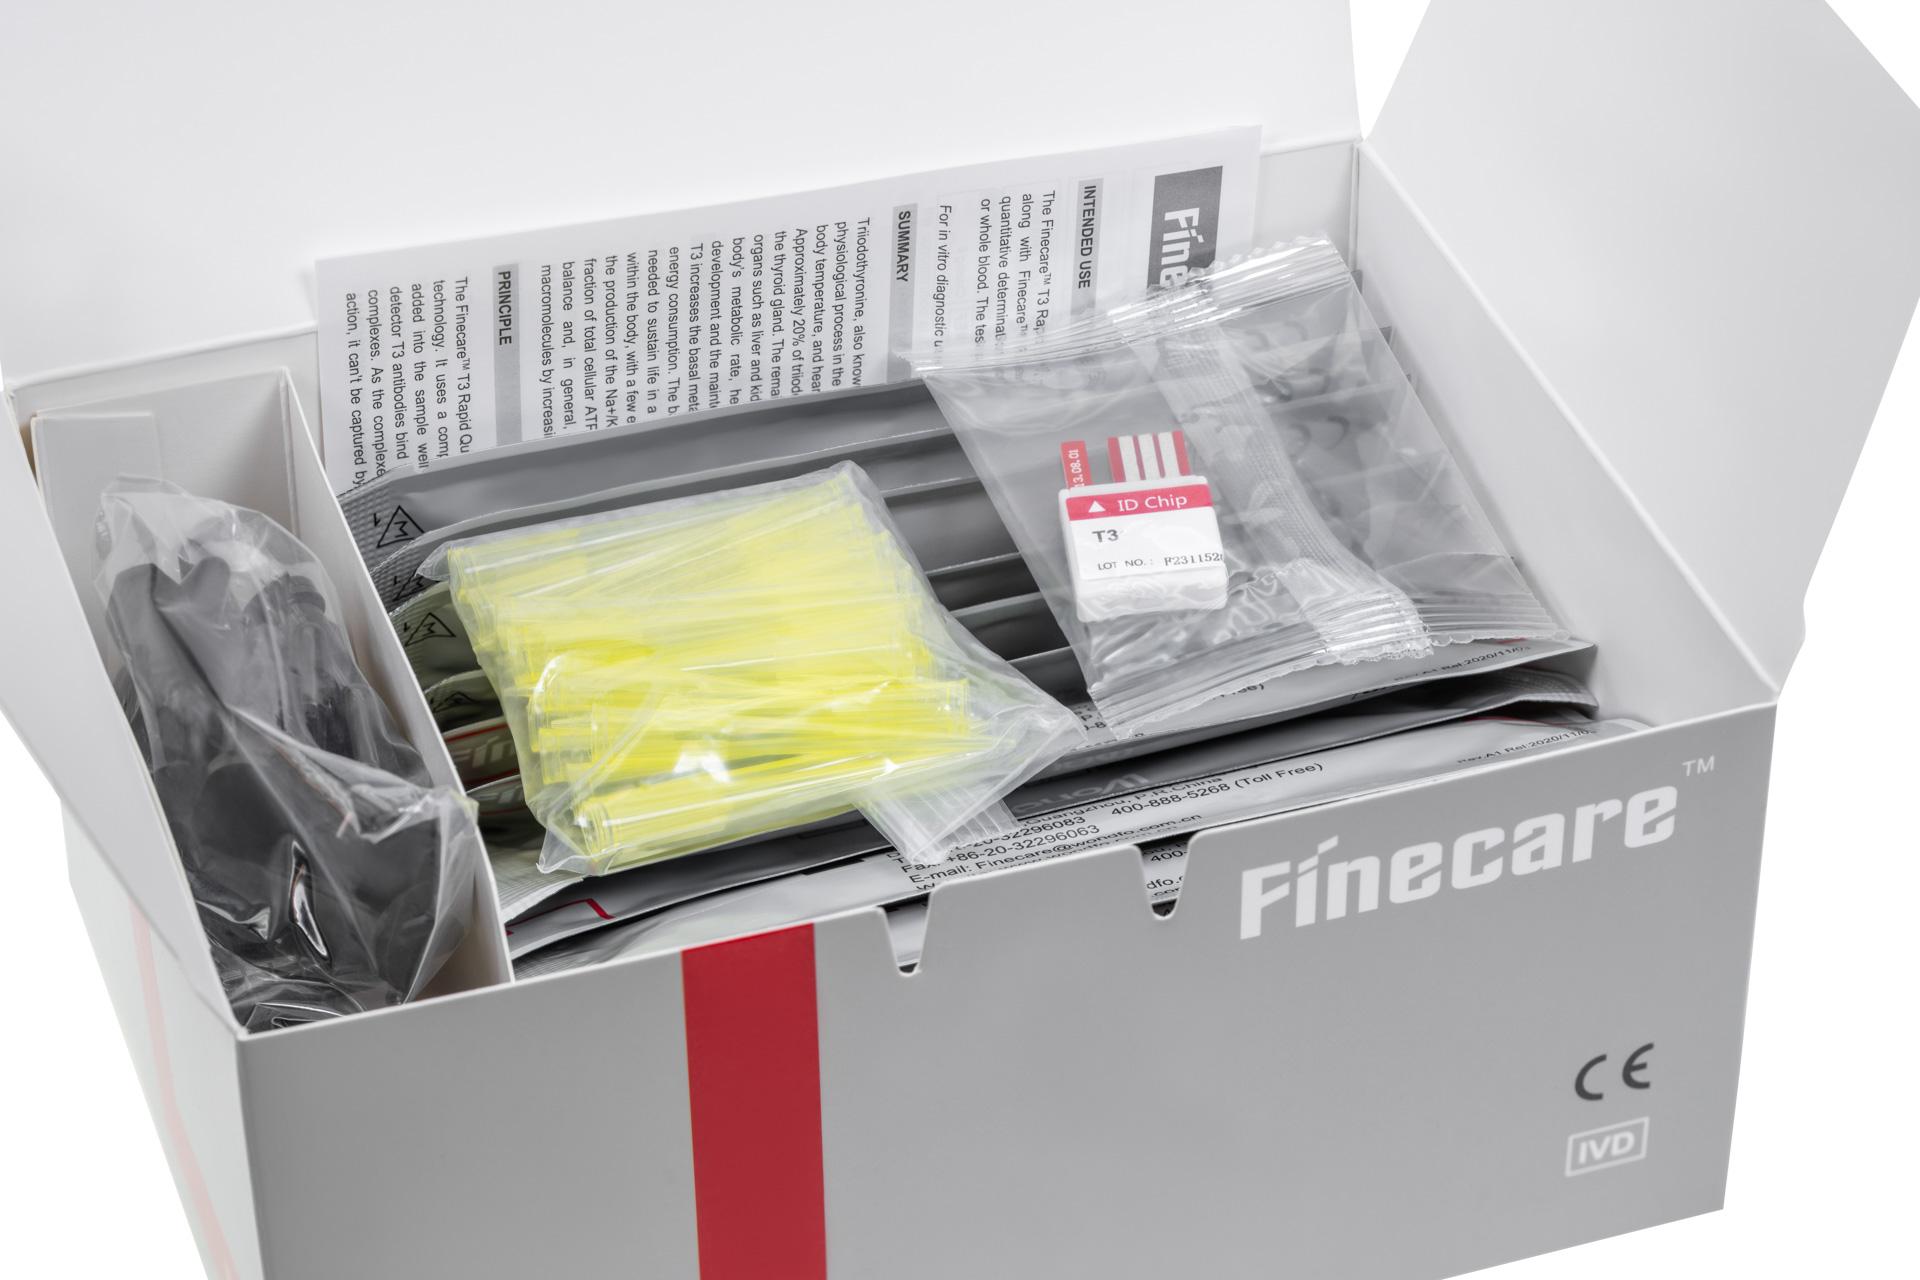 bm Finecare 9126 1